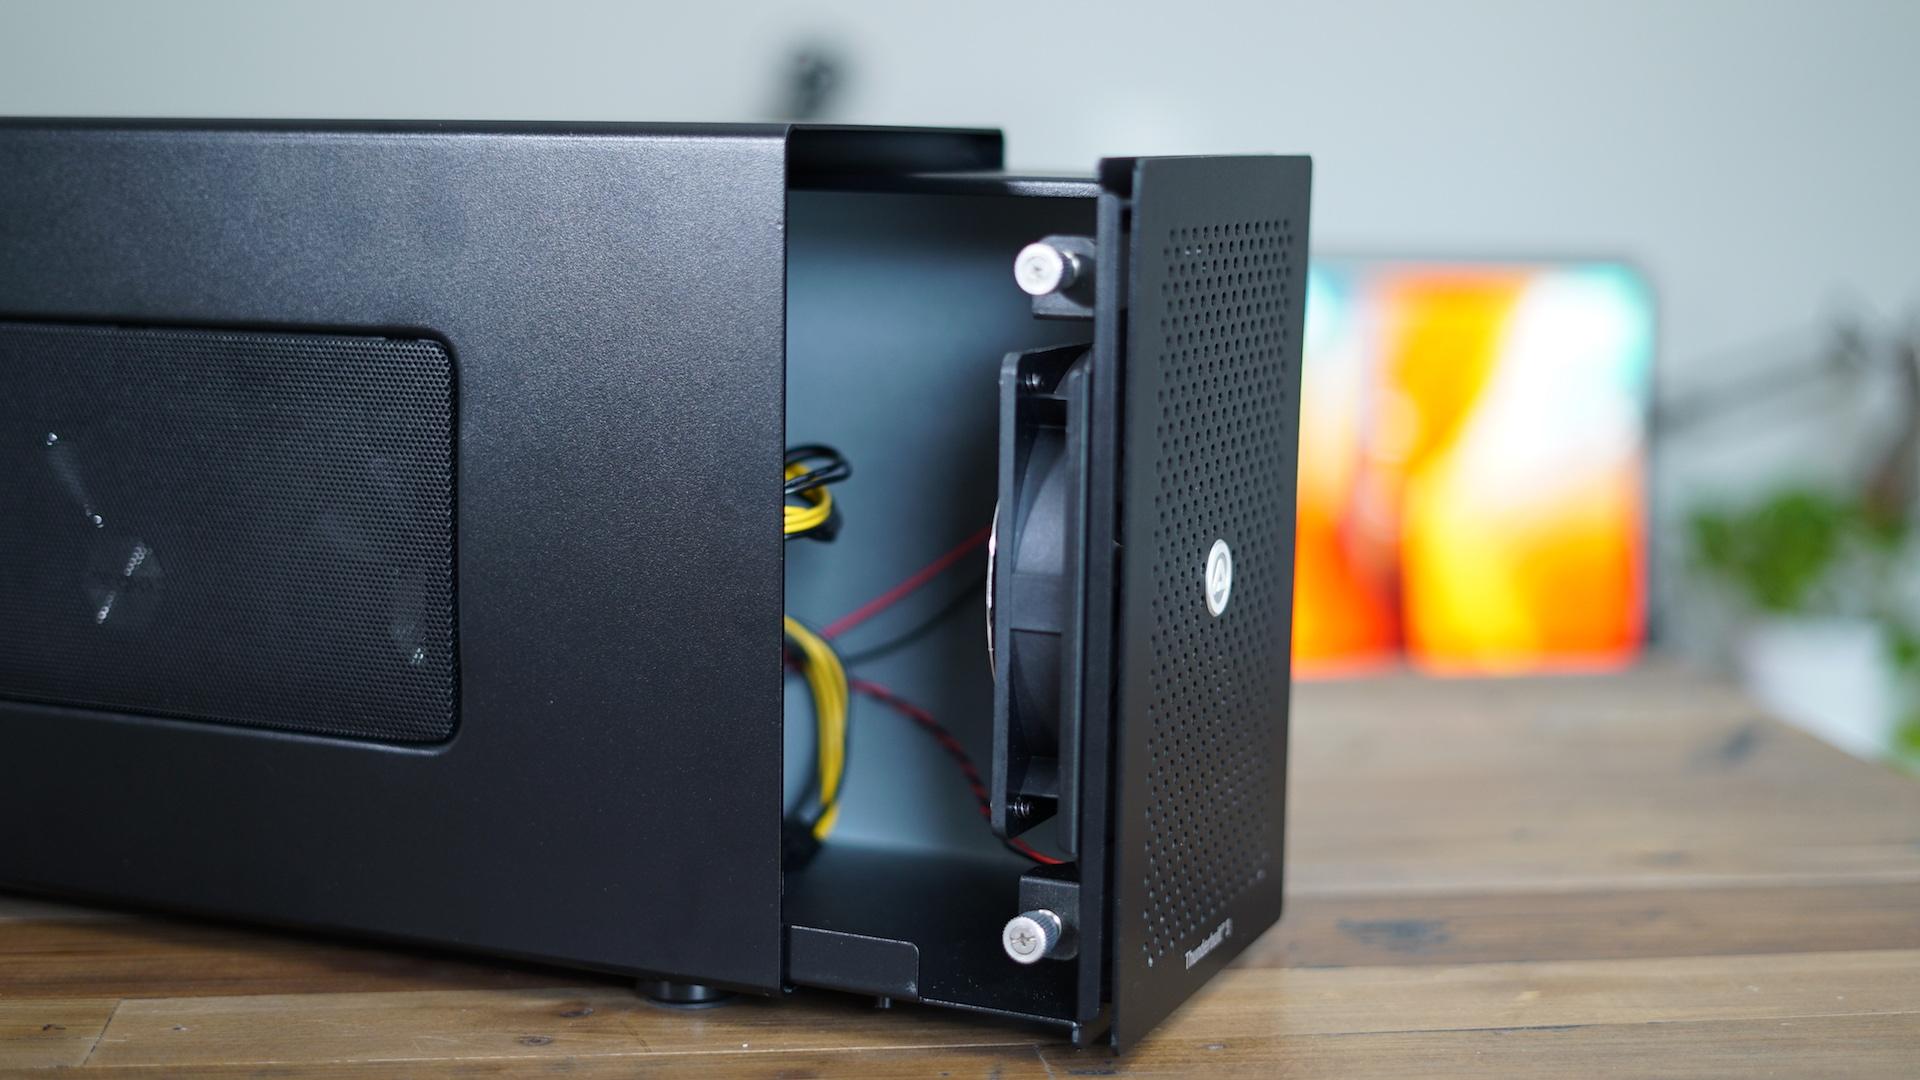 akitio-node-open-case